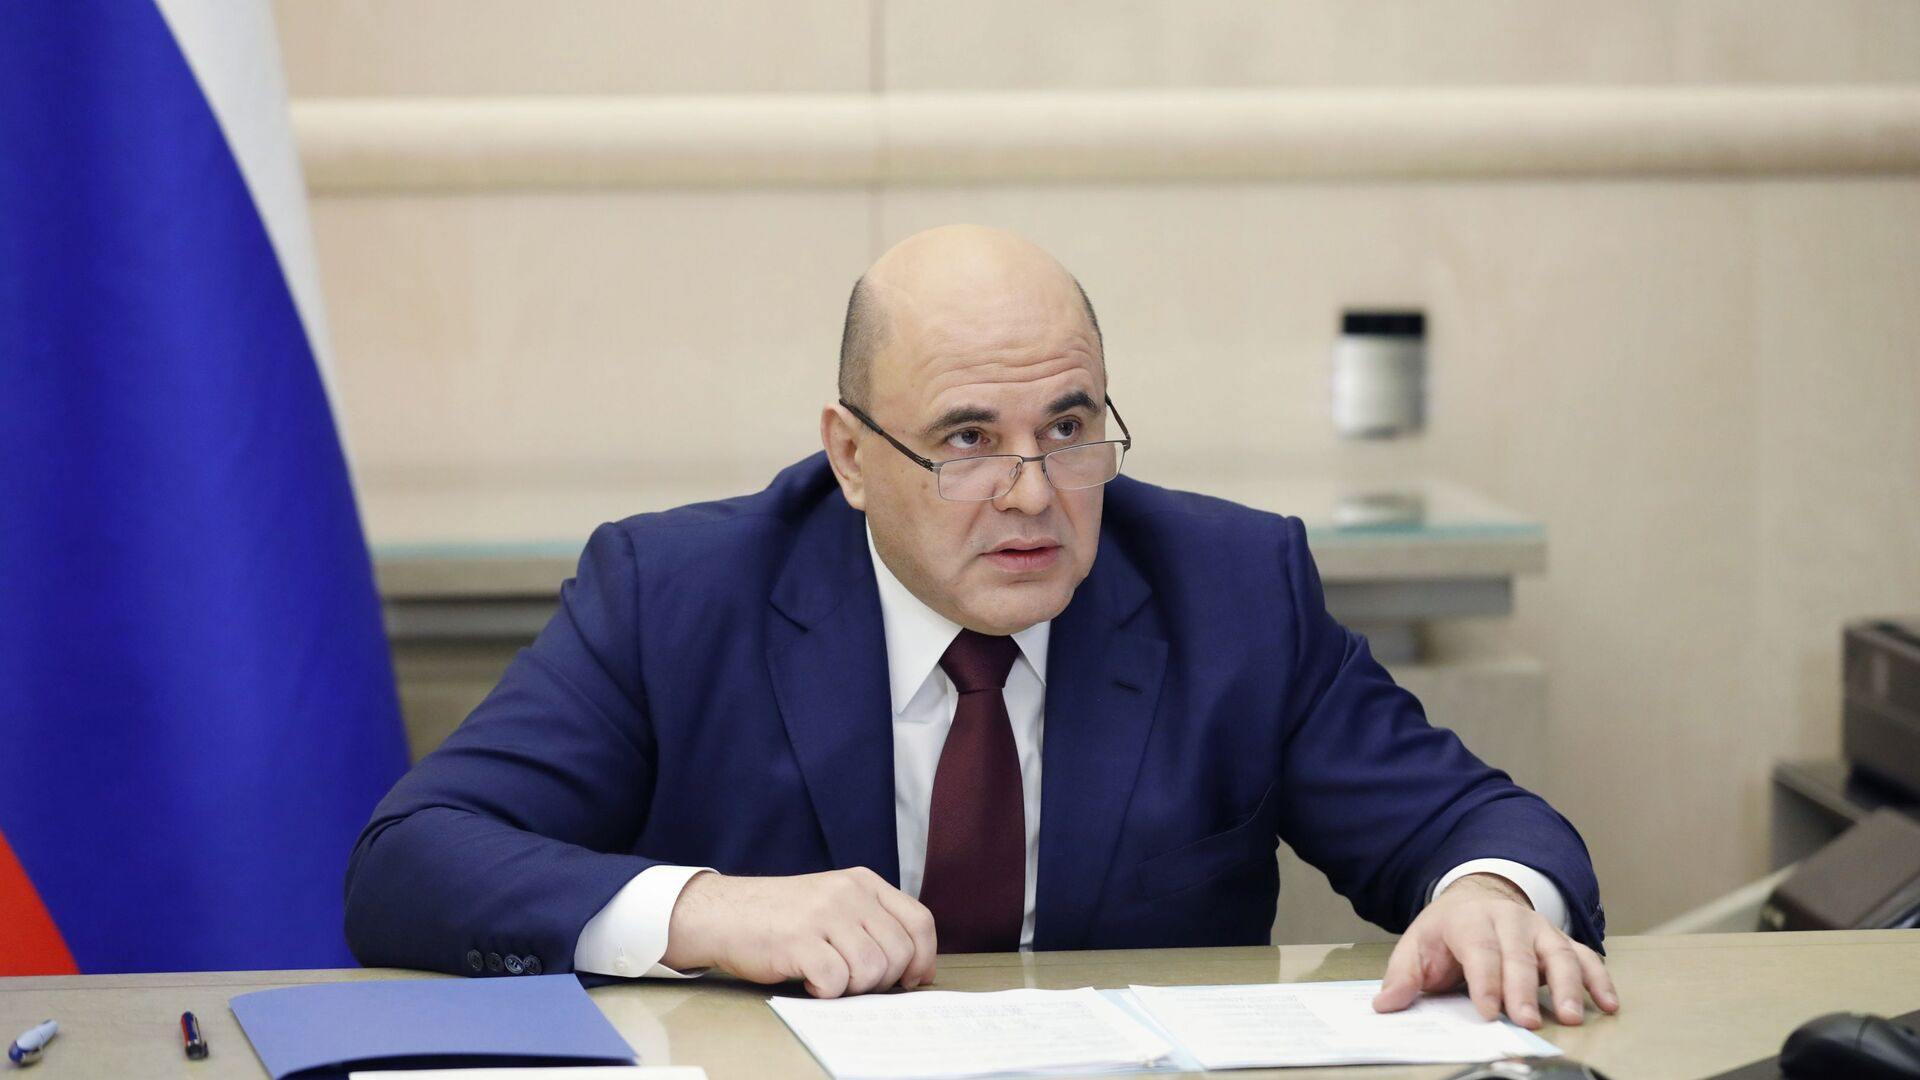 Председатель правительства РФ Михаил Мишустин - Sputnik Узбекистан, 1920, 09.02.2021